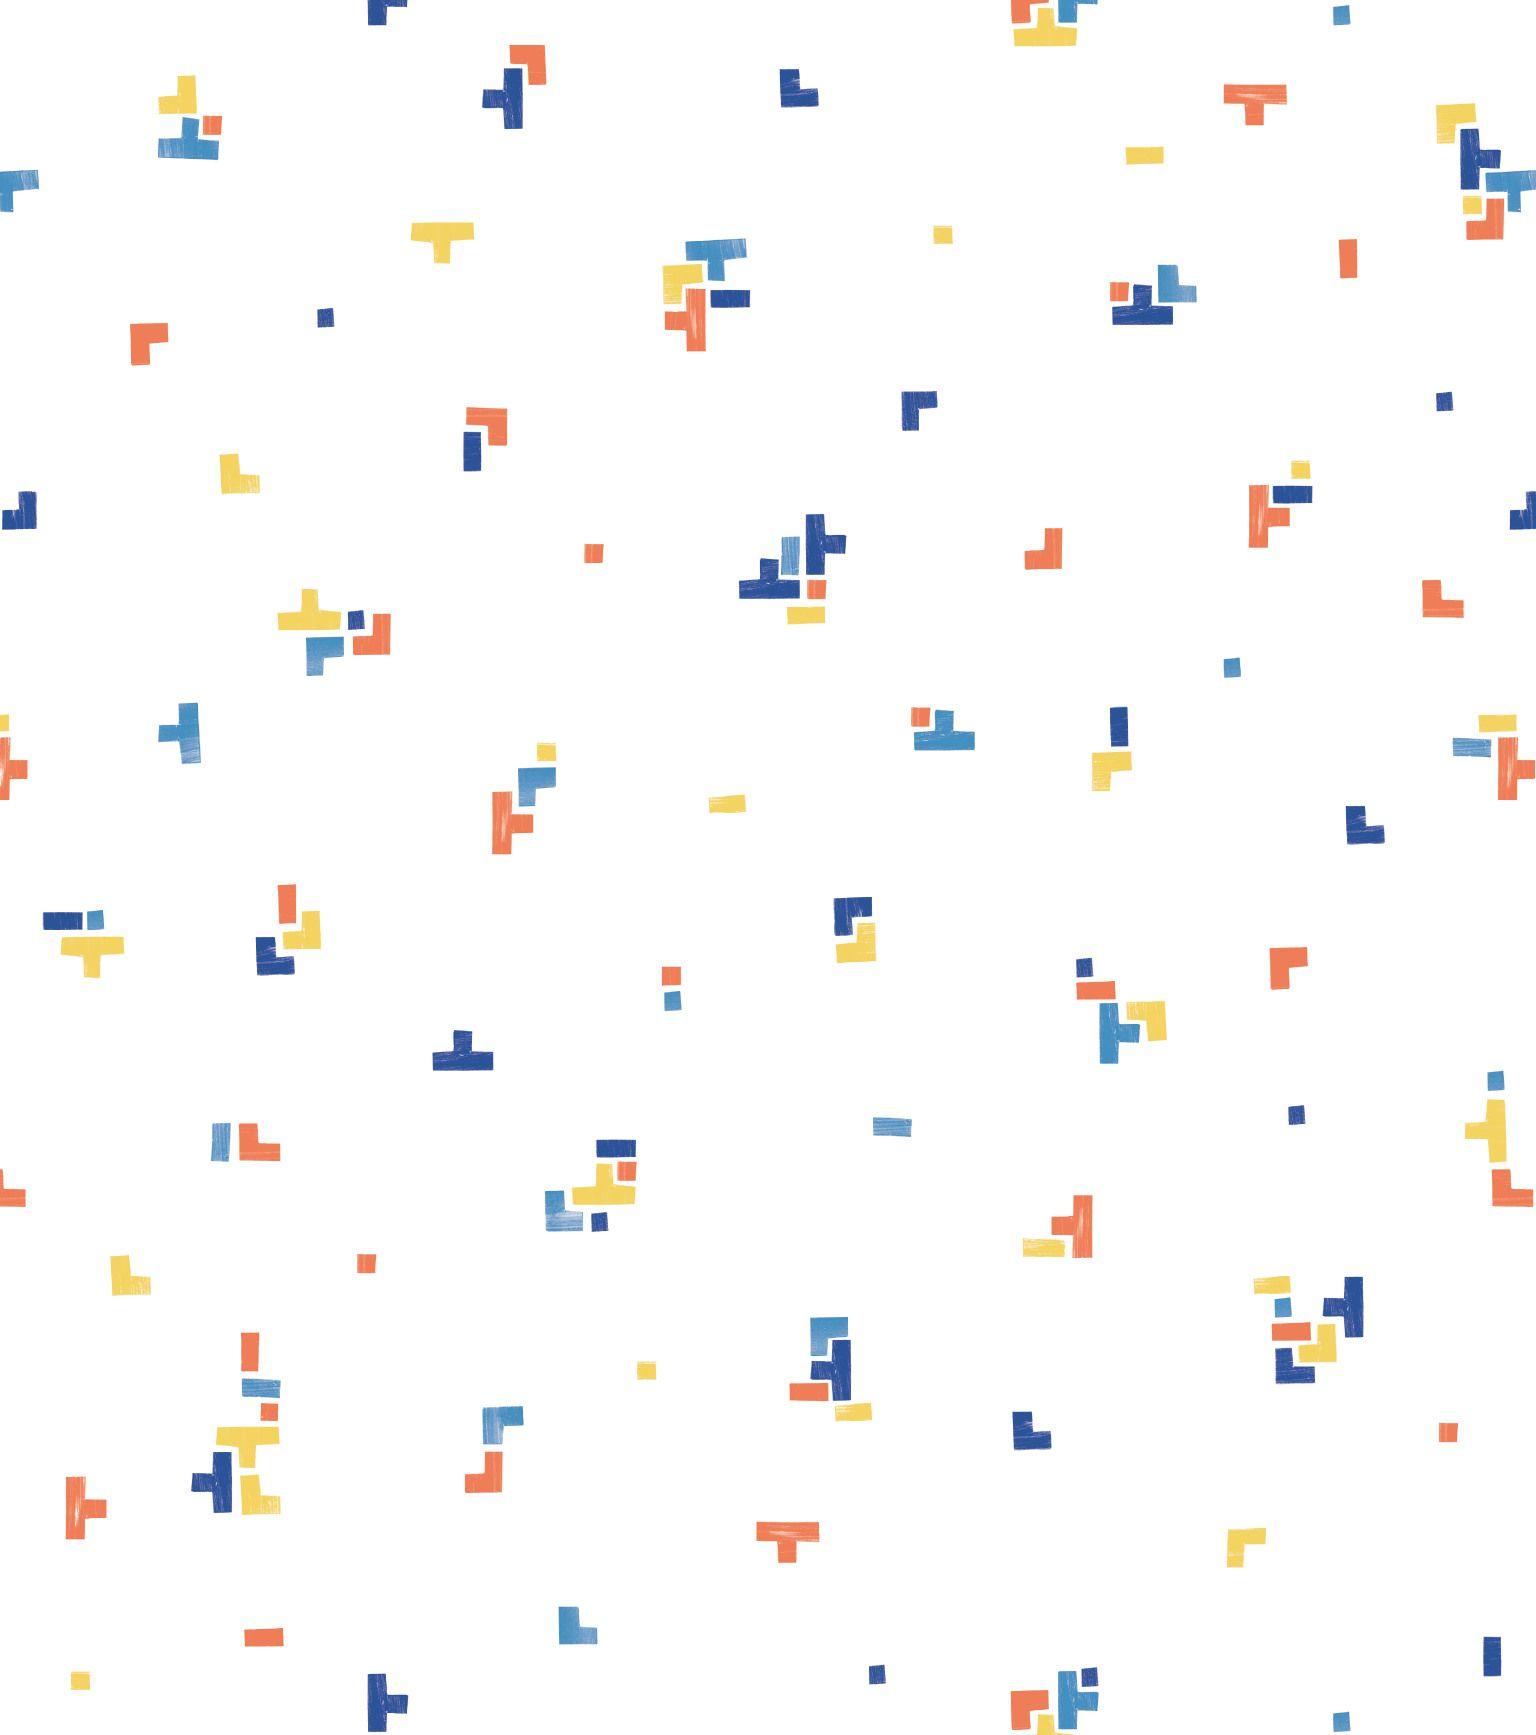 Papel de Parede Infantil Bobinex Vinílico Coleção Brincar Geométrico Branco, Azul, Amarelo, Vermelho